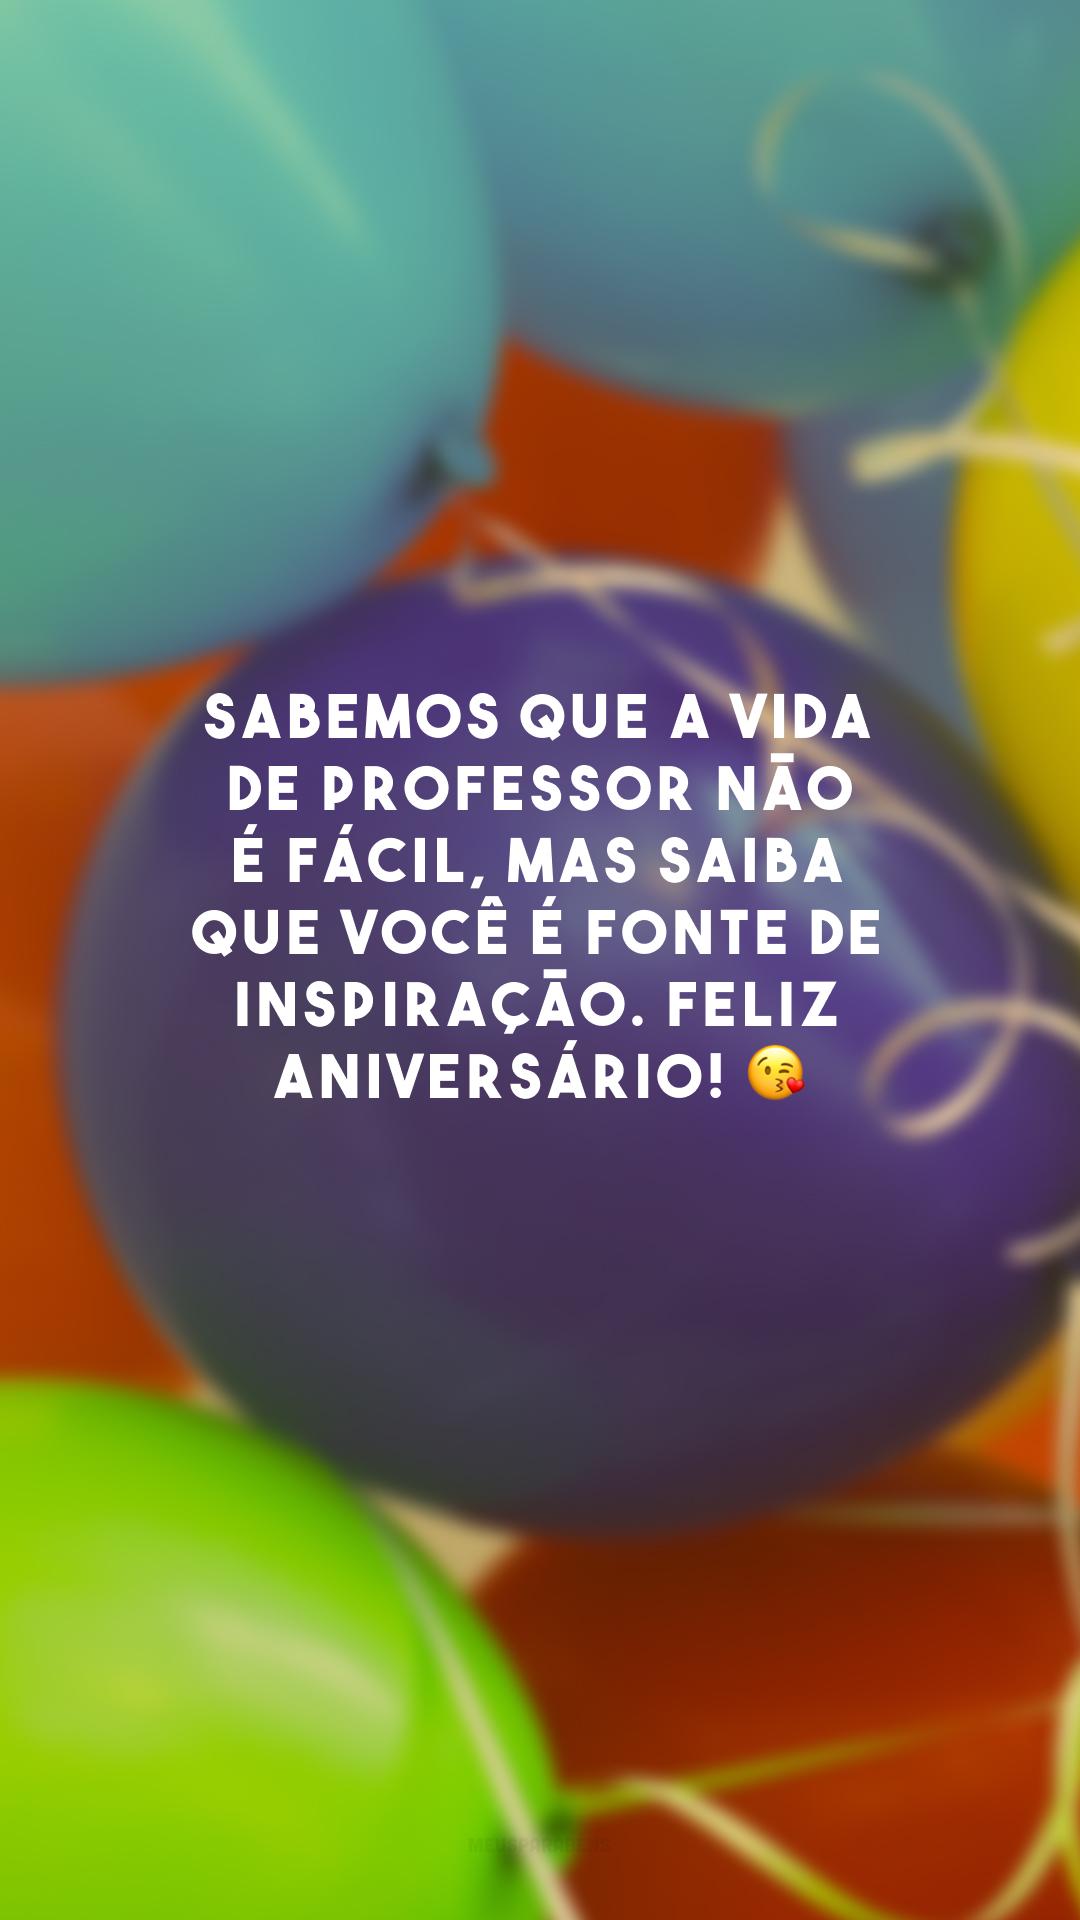 Sabemos que a vida de professor não é fácil, mas saiba que você é fonte de inspiração. Feliz aniversário! 😘